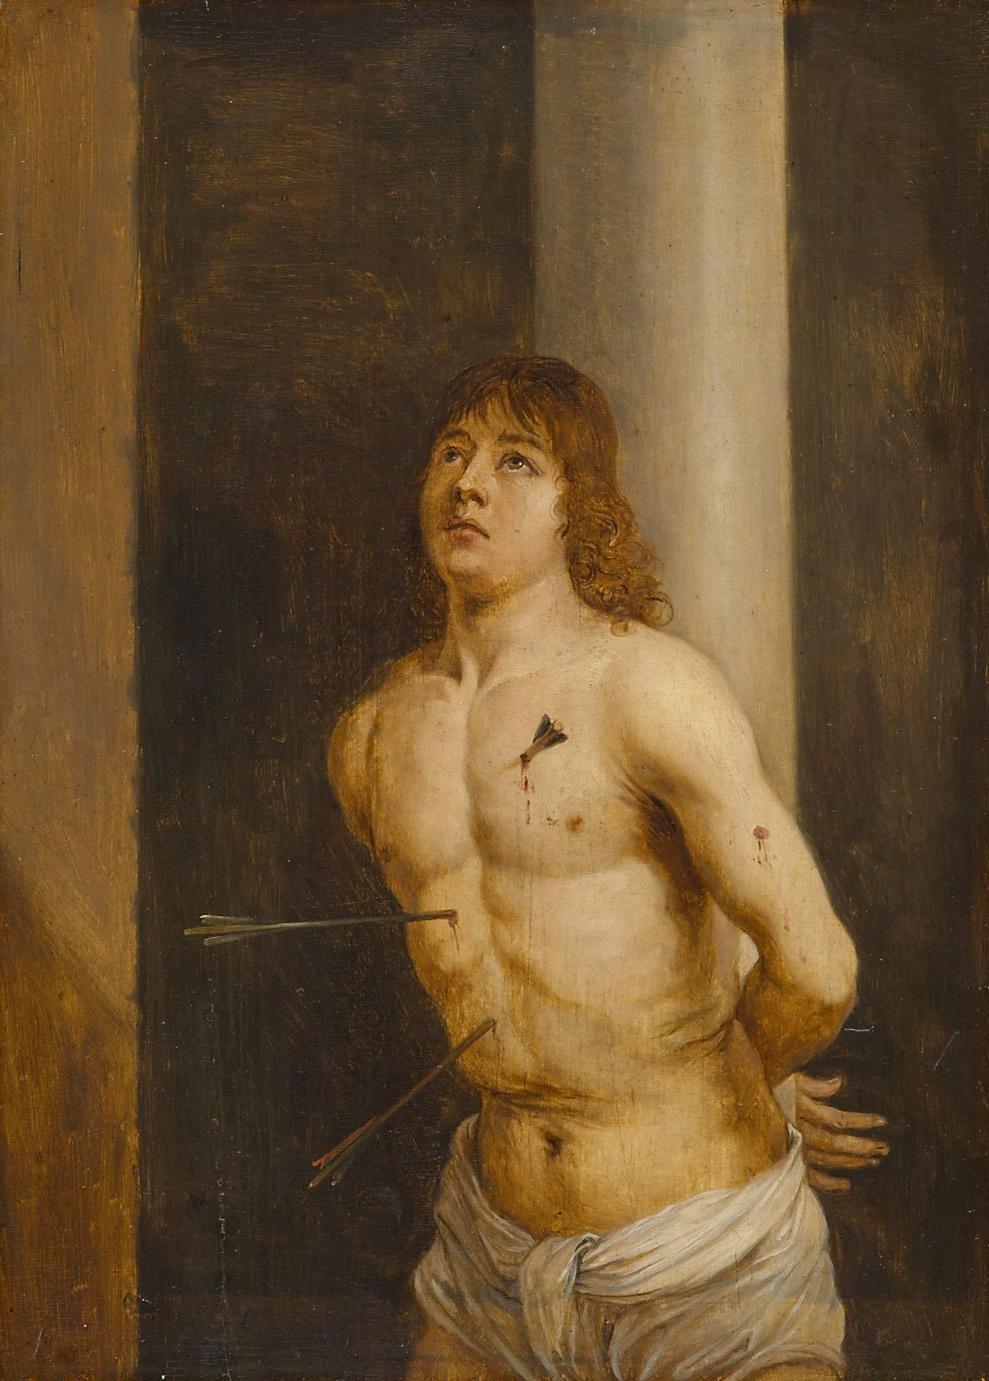 Hl. Sebastian von David Teniers d. J.